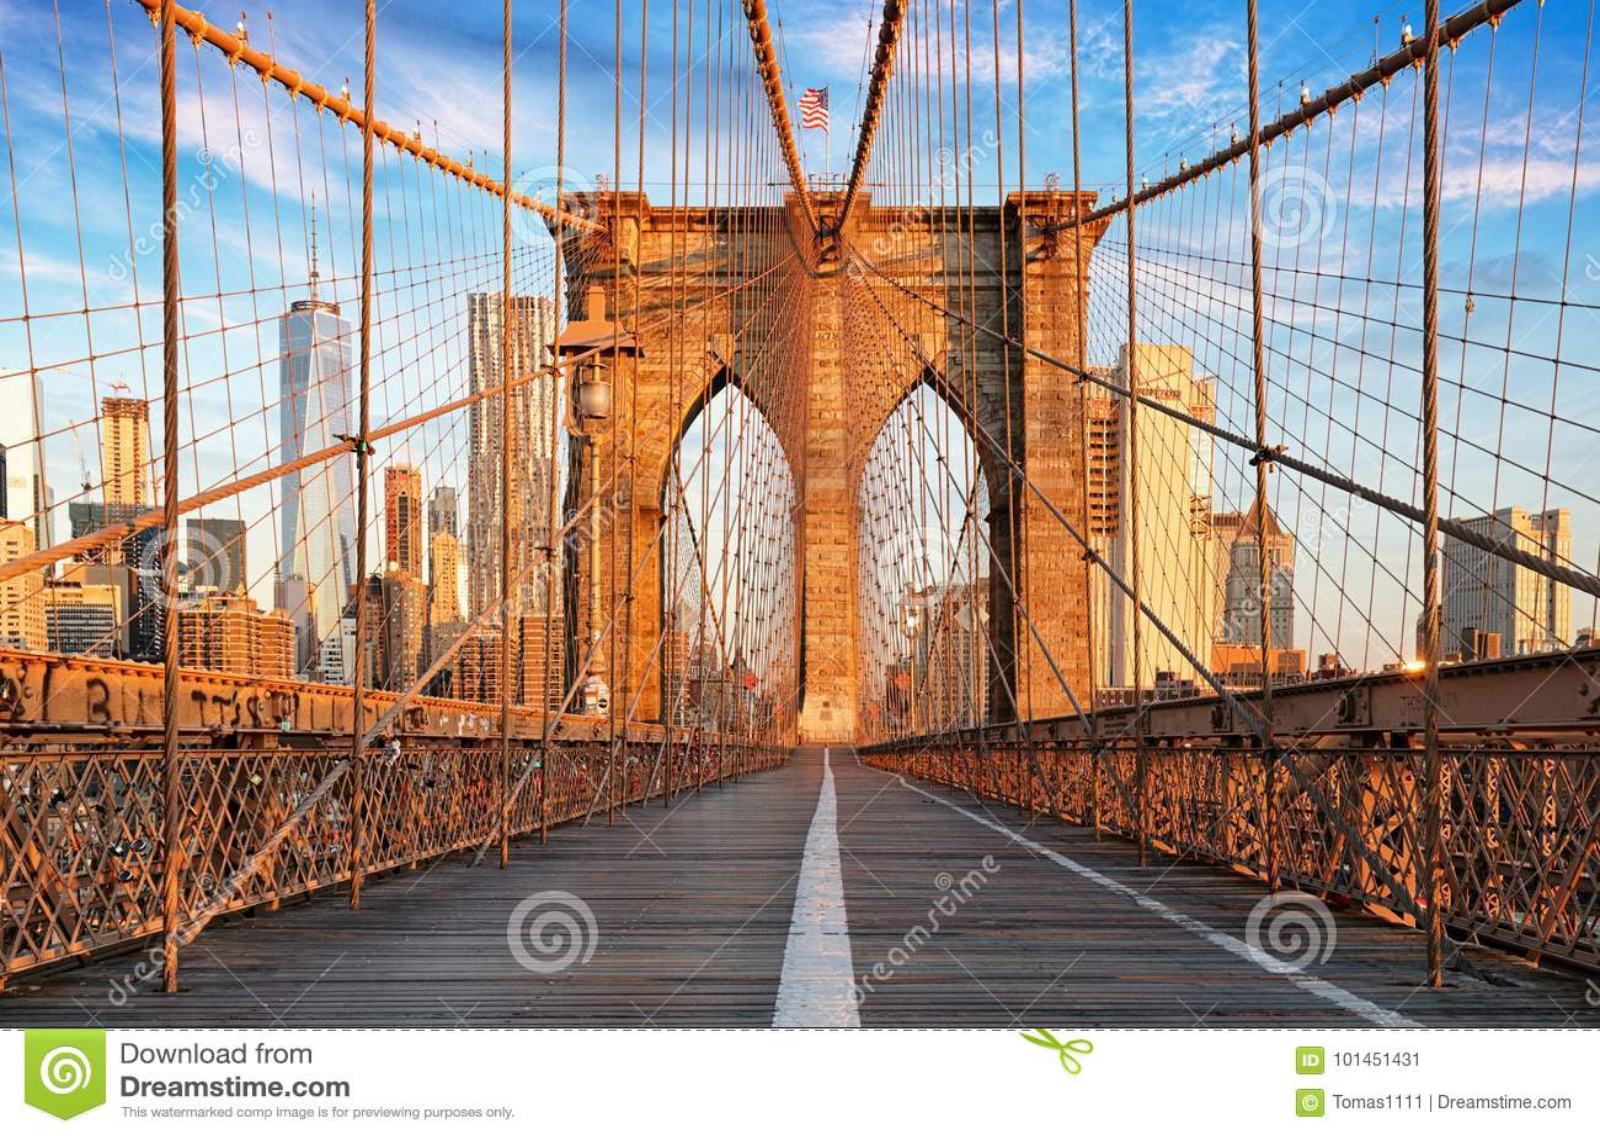 Γέφυρα του Μπρούκλιν, πόλη της Νέας Υόρκης, καμία